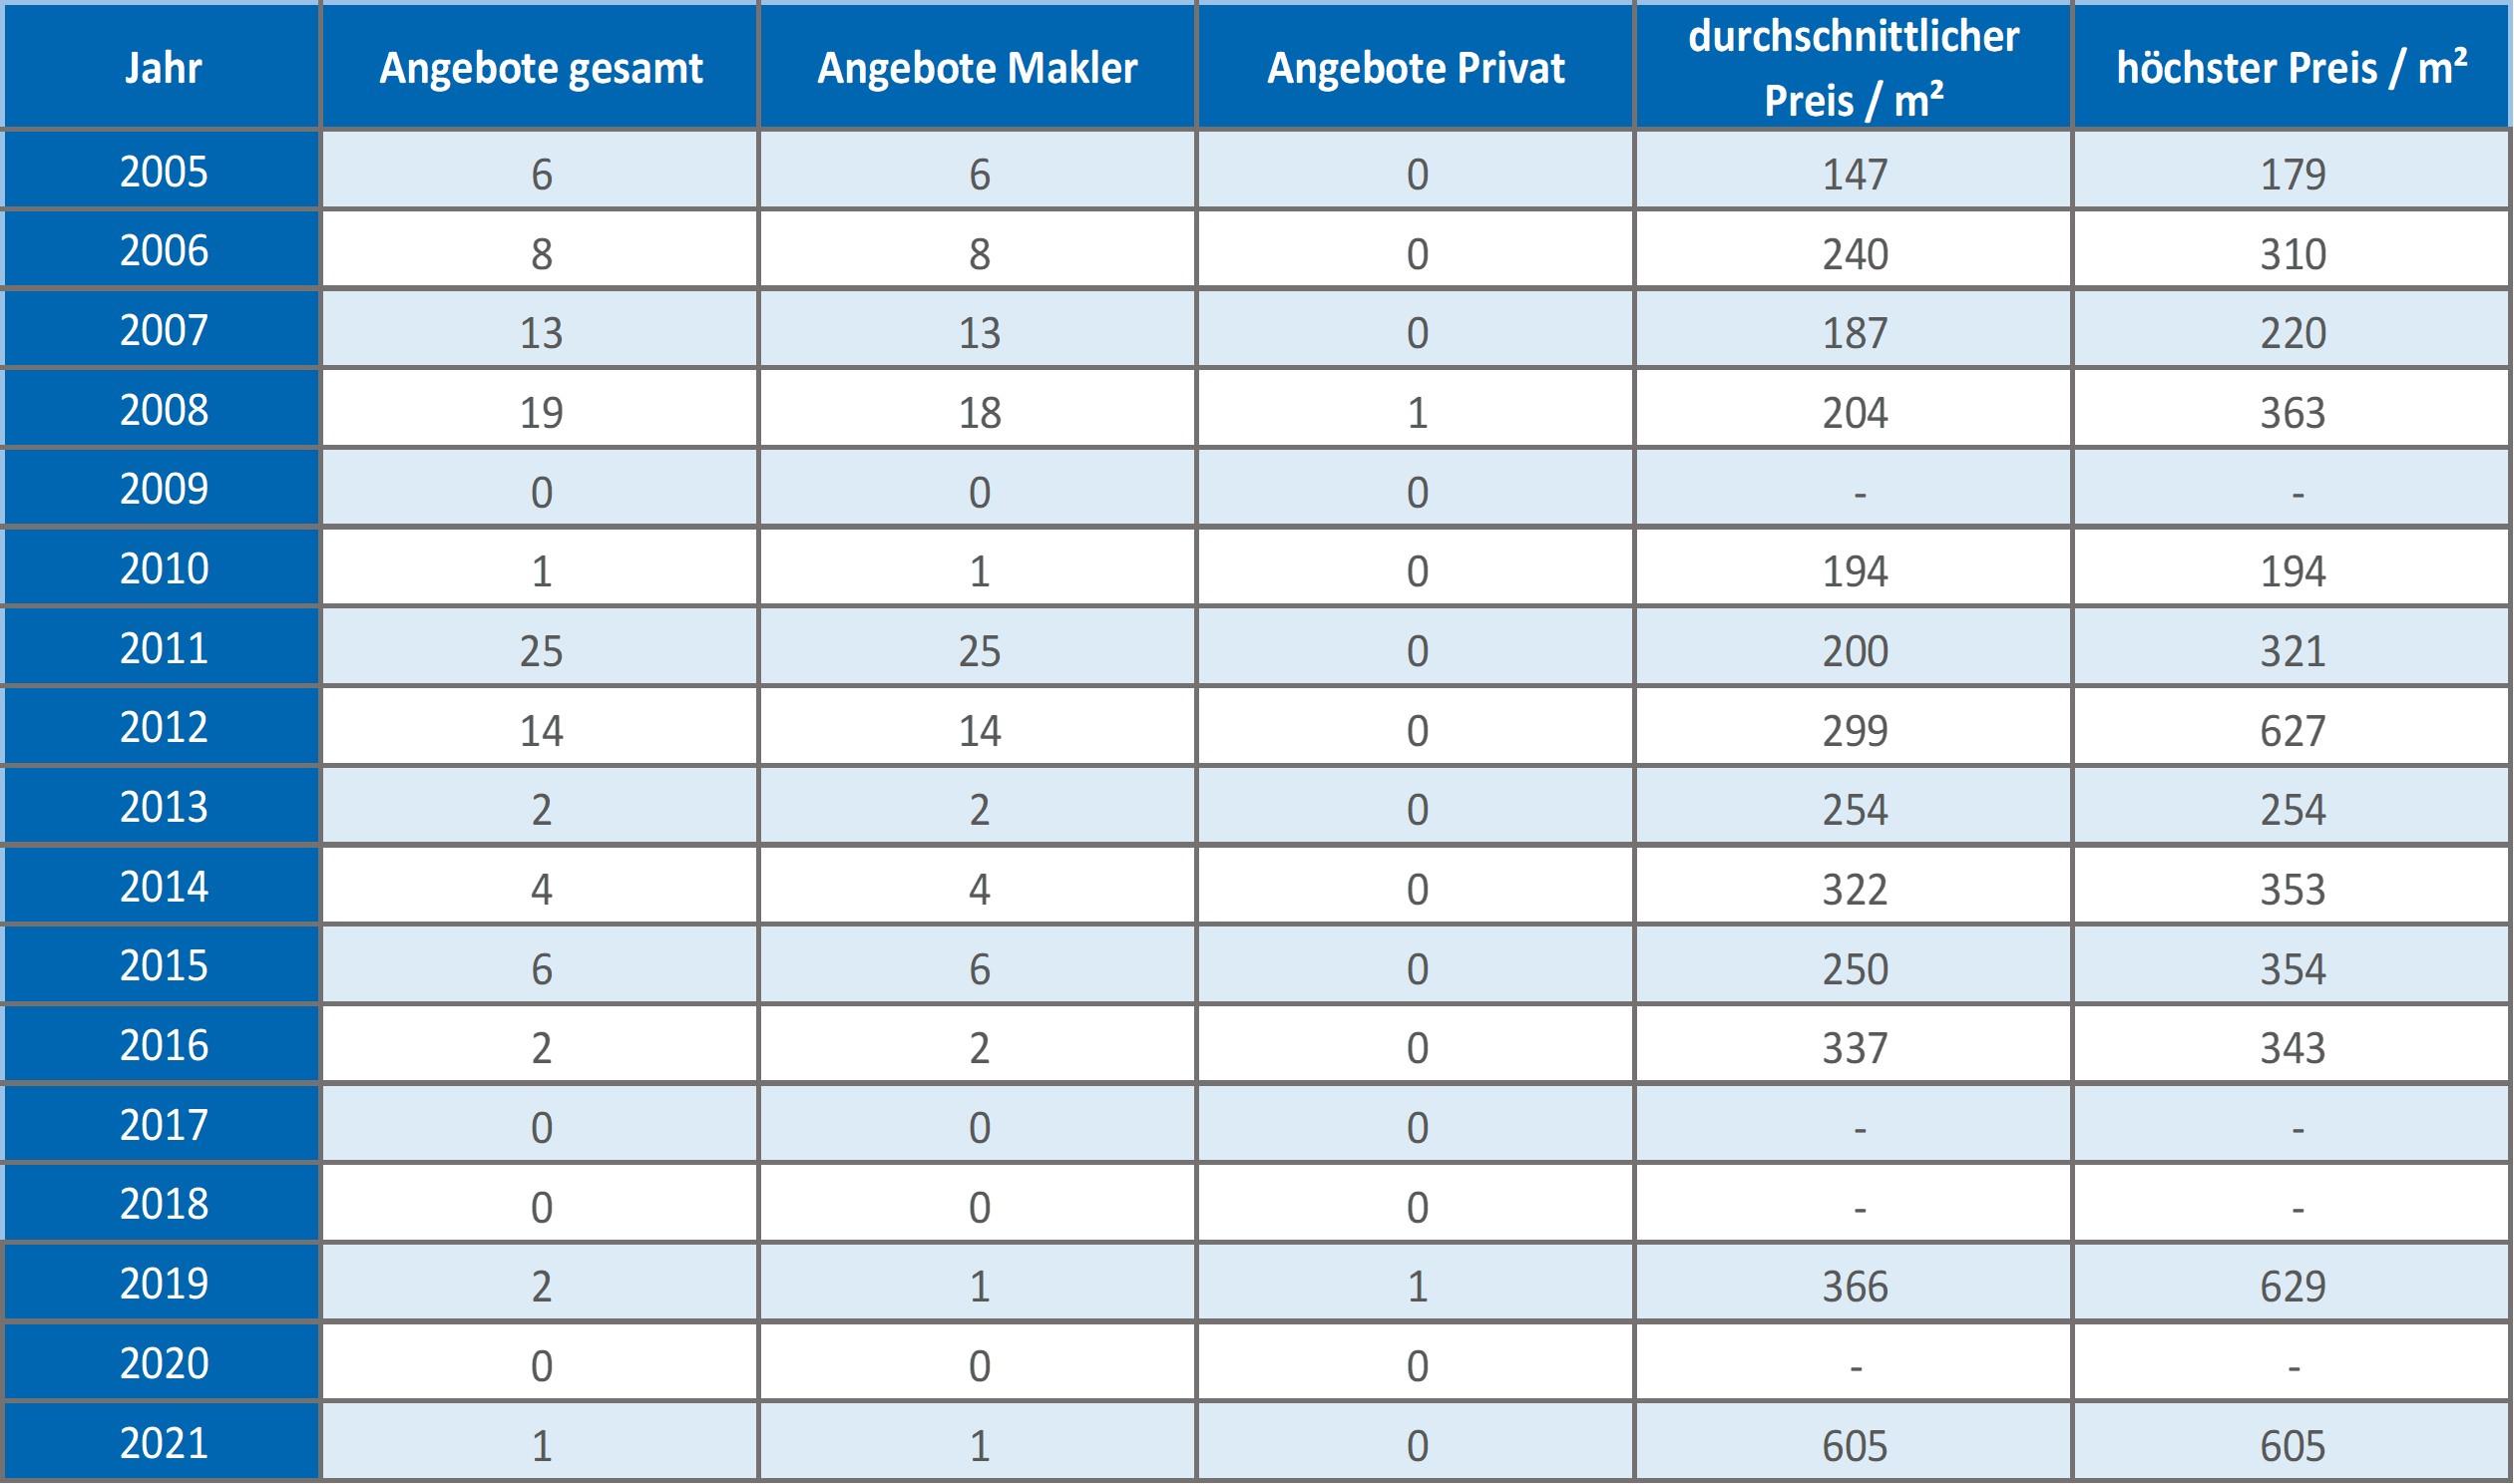 Bayrischzell-Grundstück-kaufen-verkaufen-Makler 2019, 2020, 2021